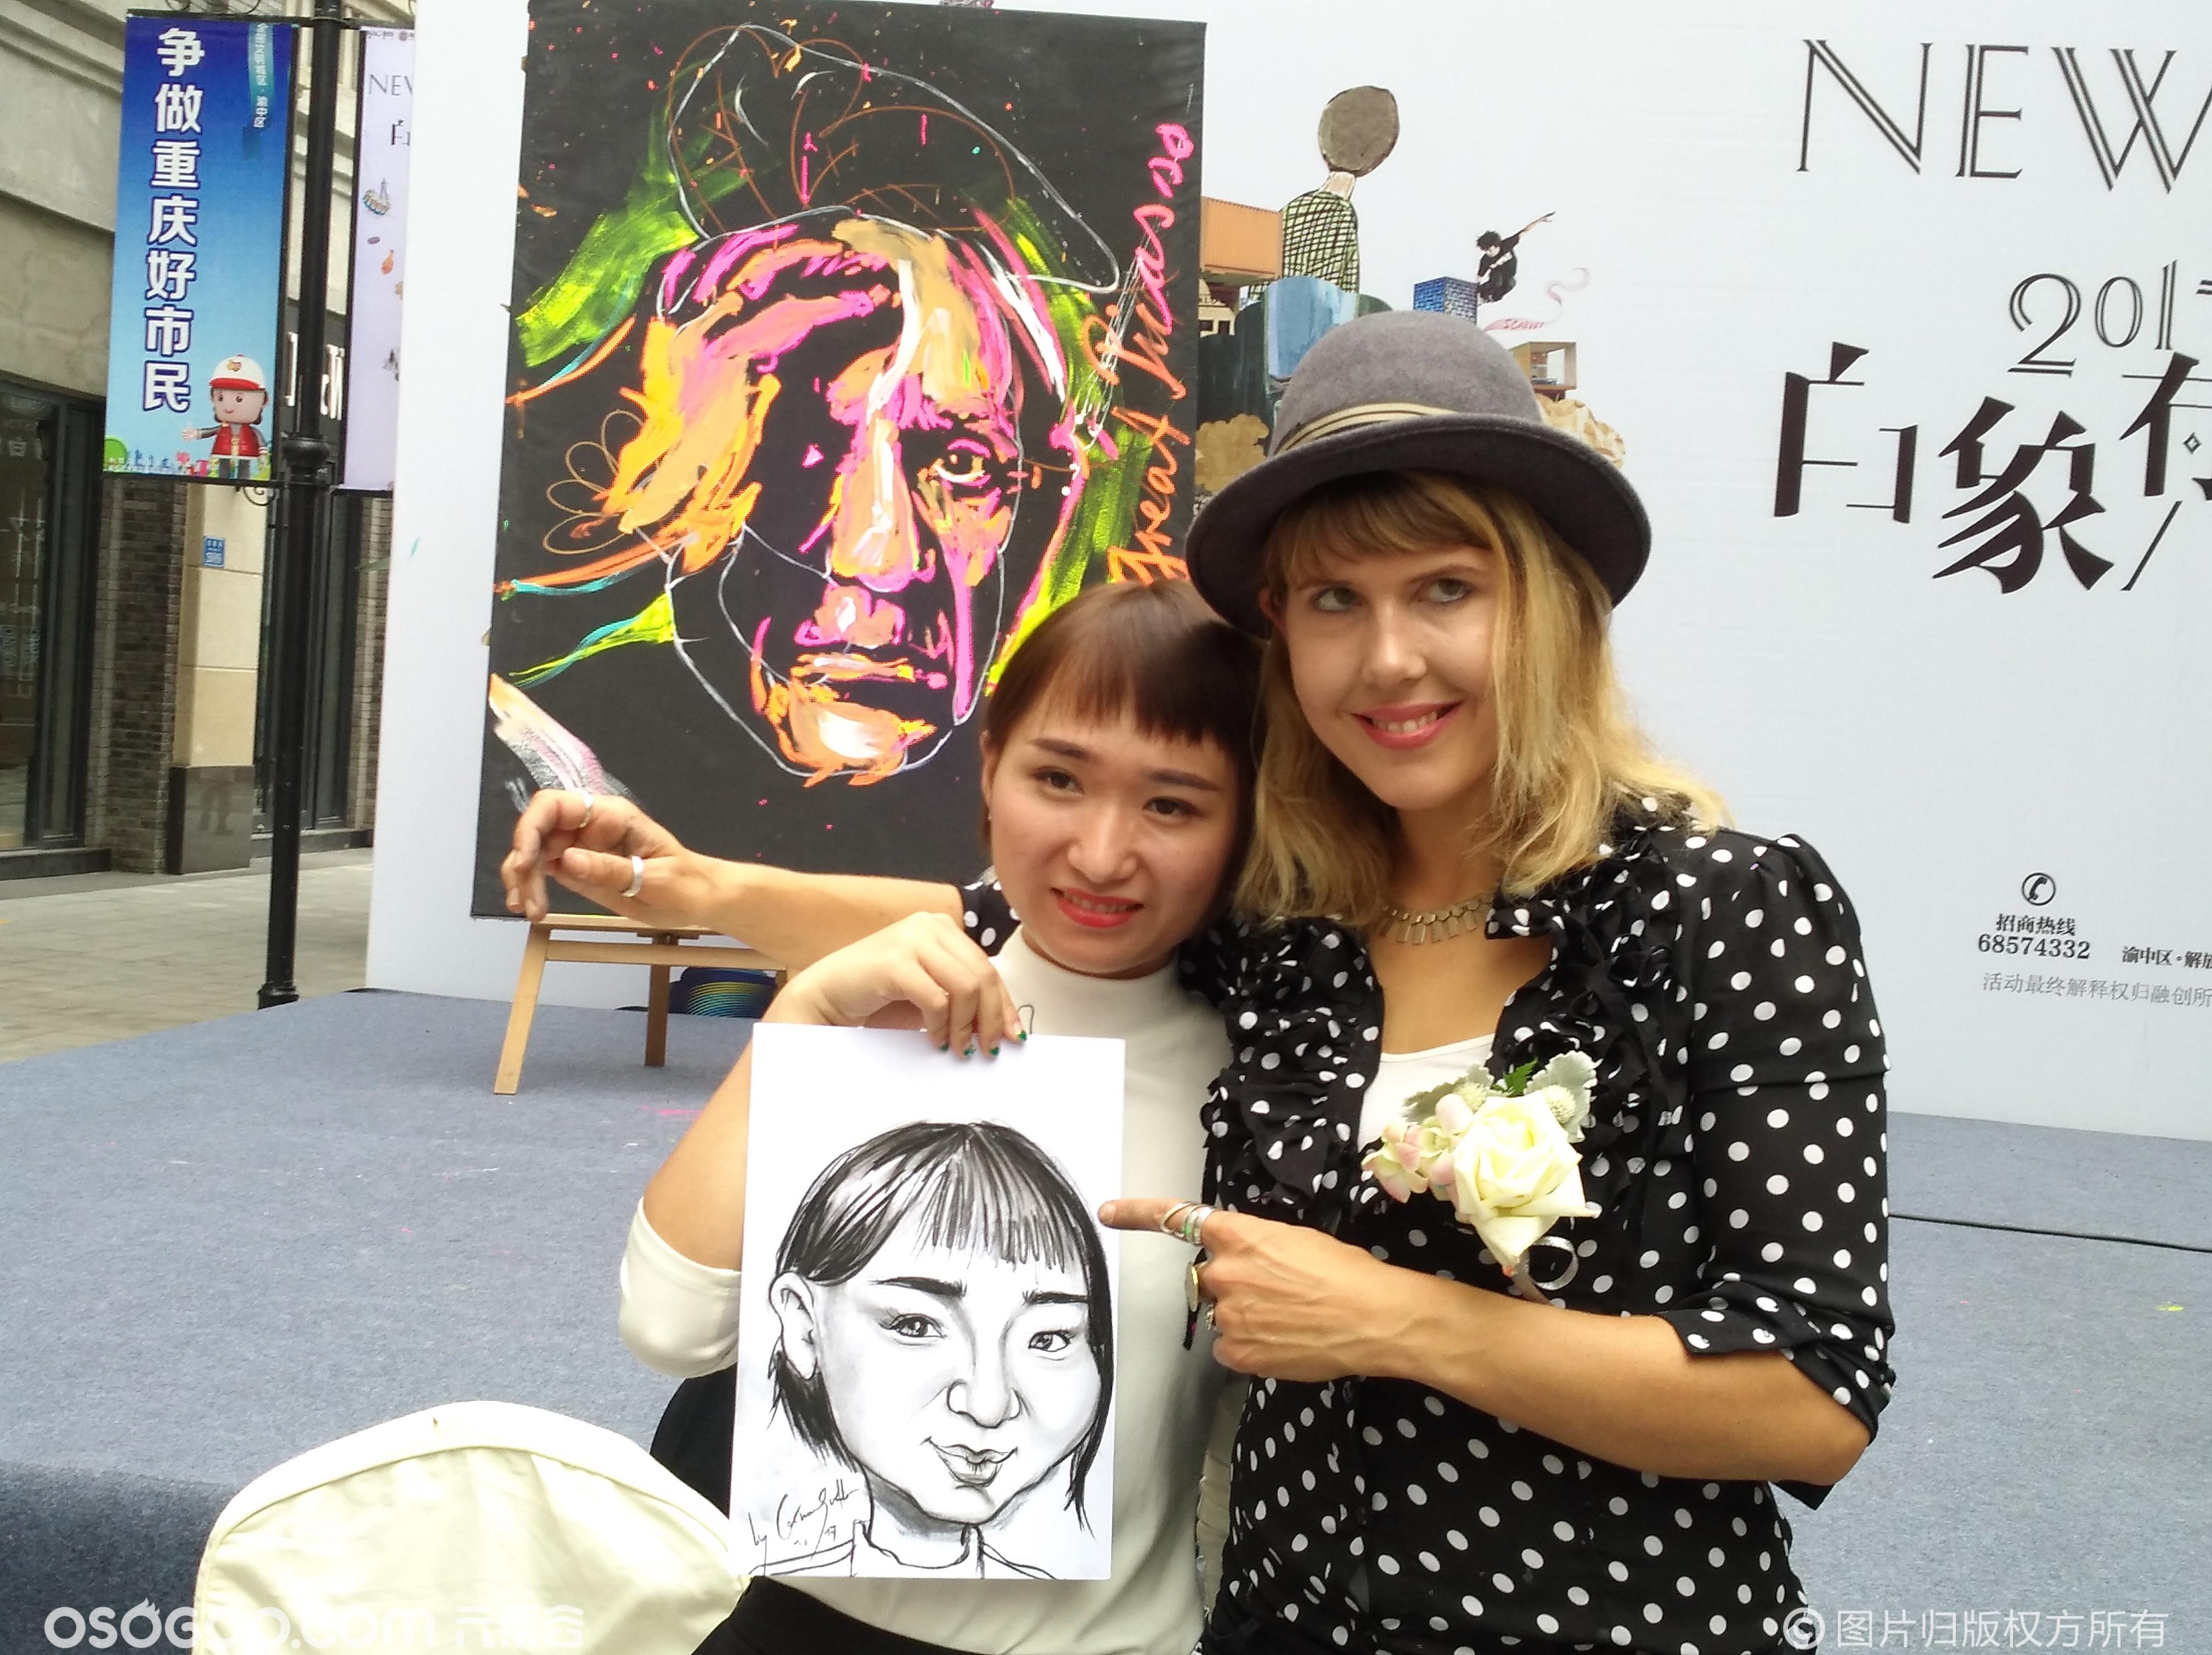 极速绘画表演艺术家科琳·萨特